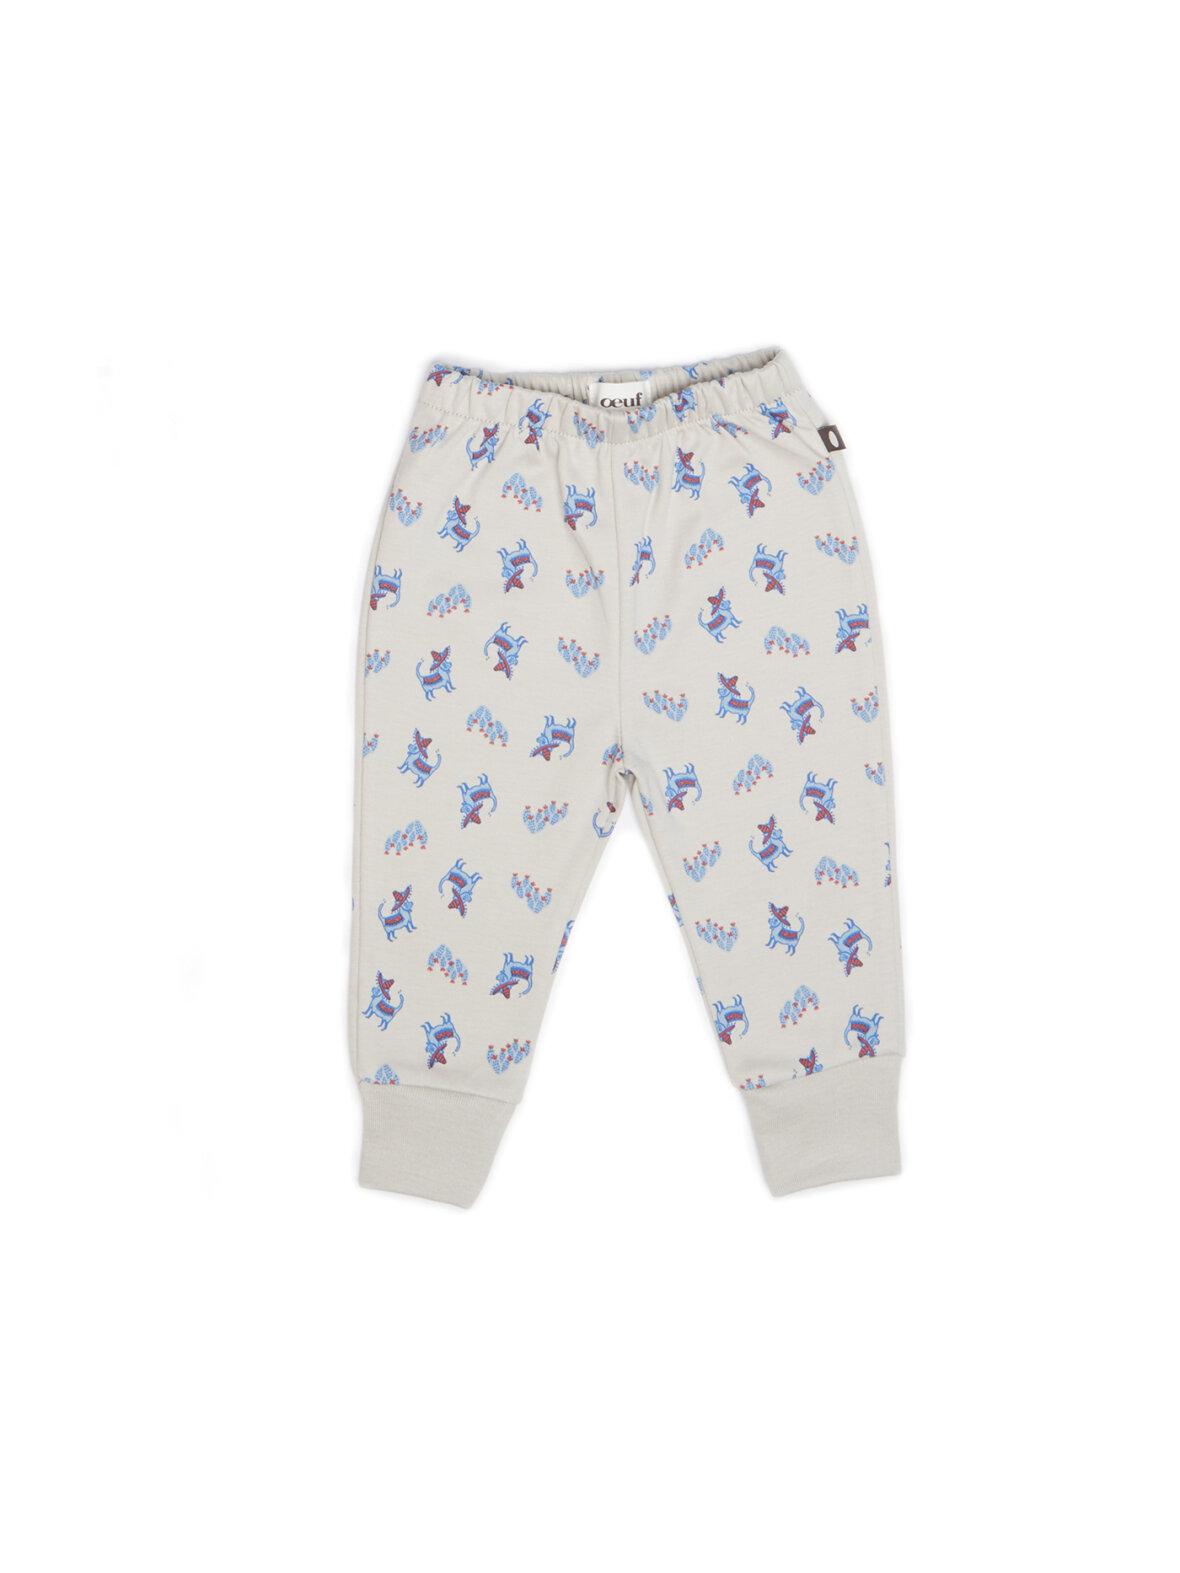 33cb8b5ec48 Enula9 - Baby tøj - Oeuf NYC - Leggings chihuahuas